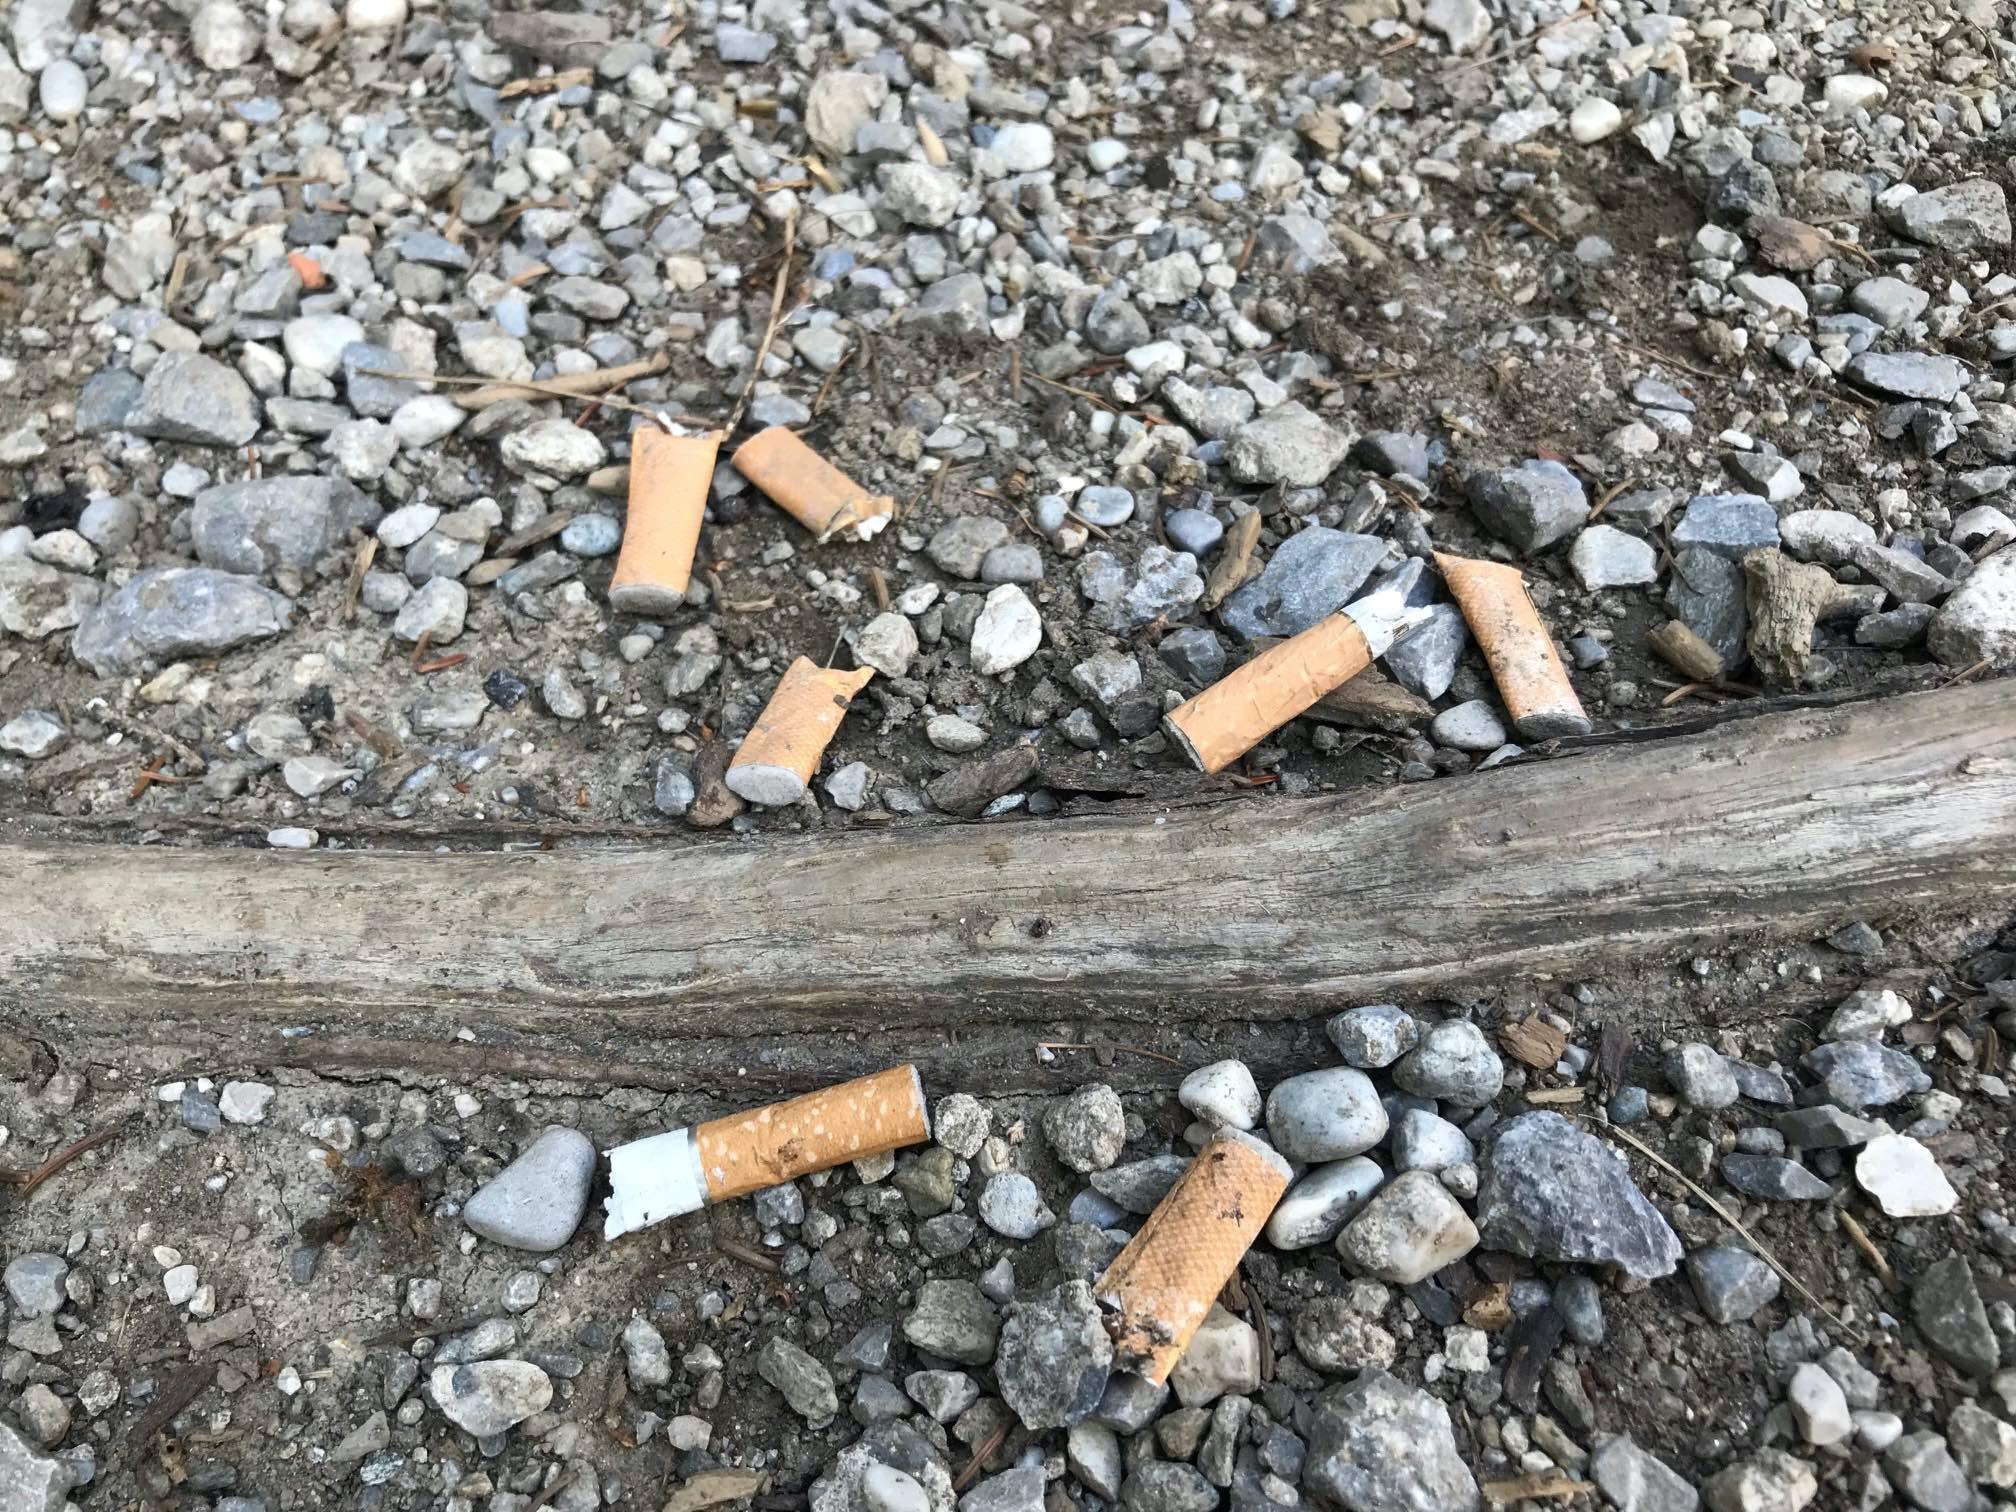 Zigarettenstummel sind kein Bio- sondern Sondermüll. © Christina Schwann I bergundsteigen.blog